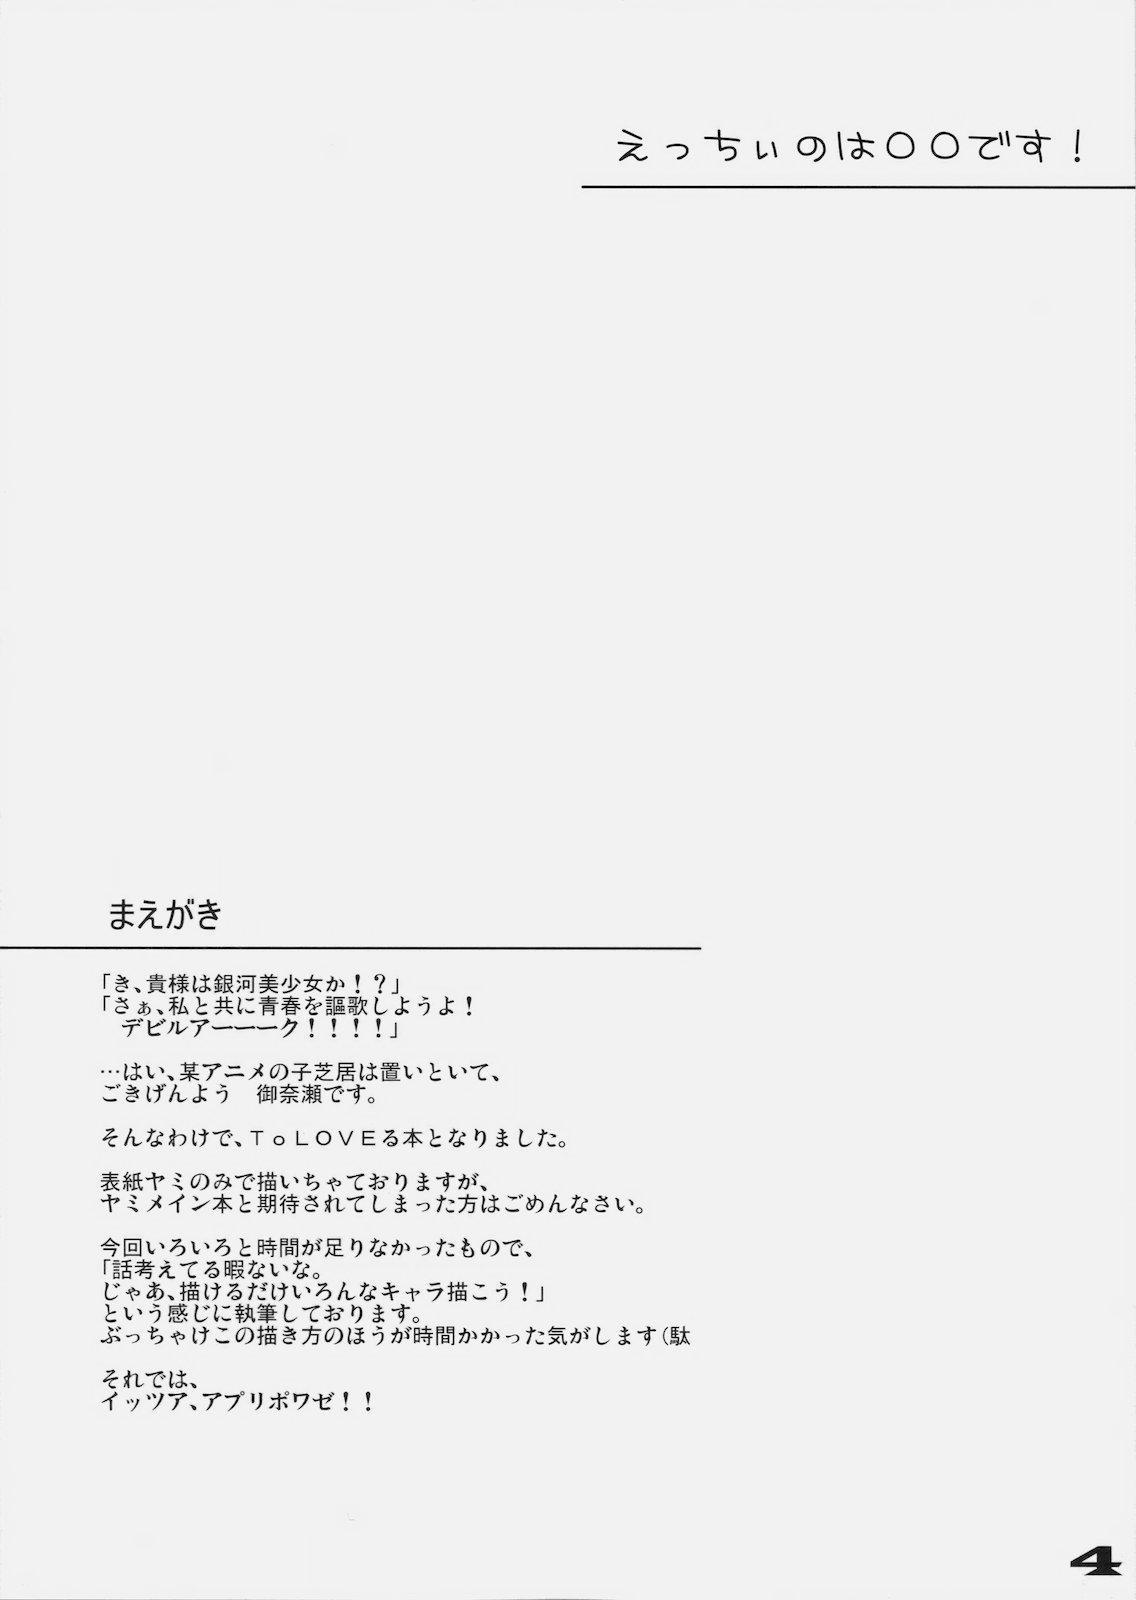 Ecchii no wa ○○ desu! 2